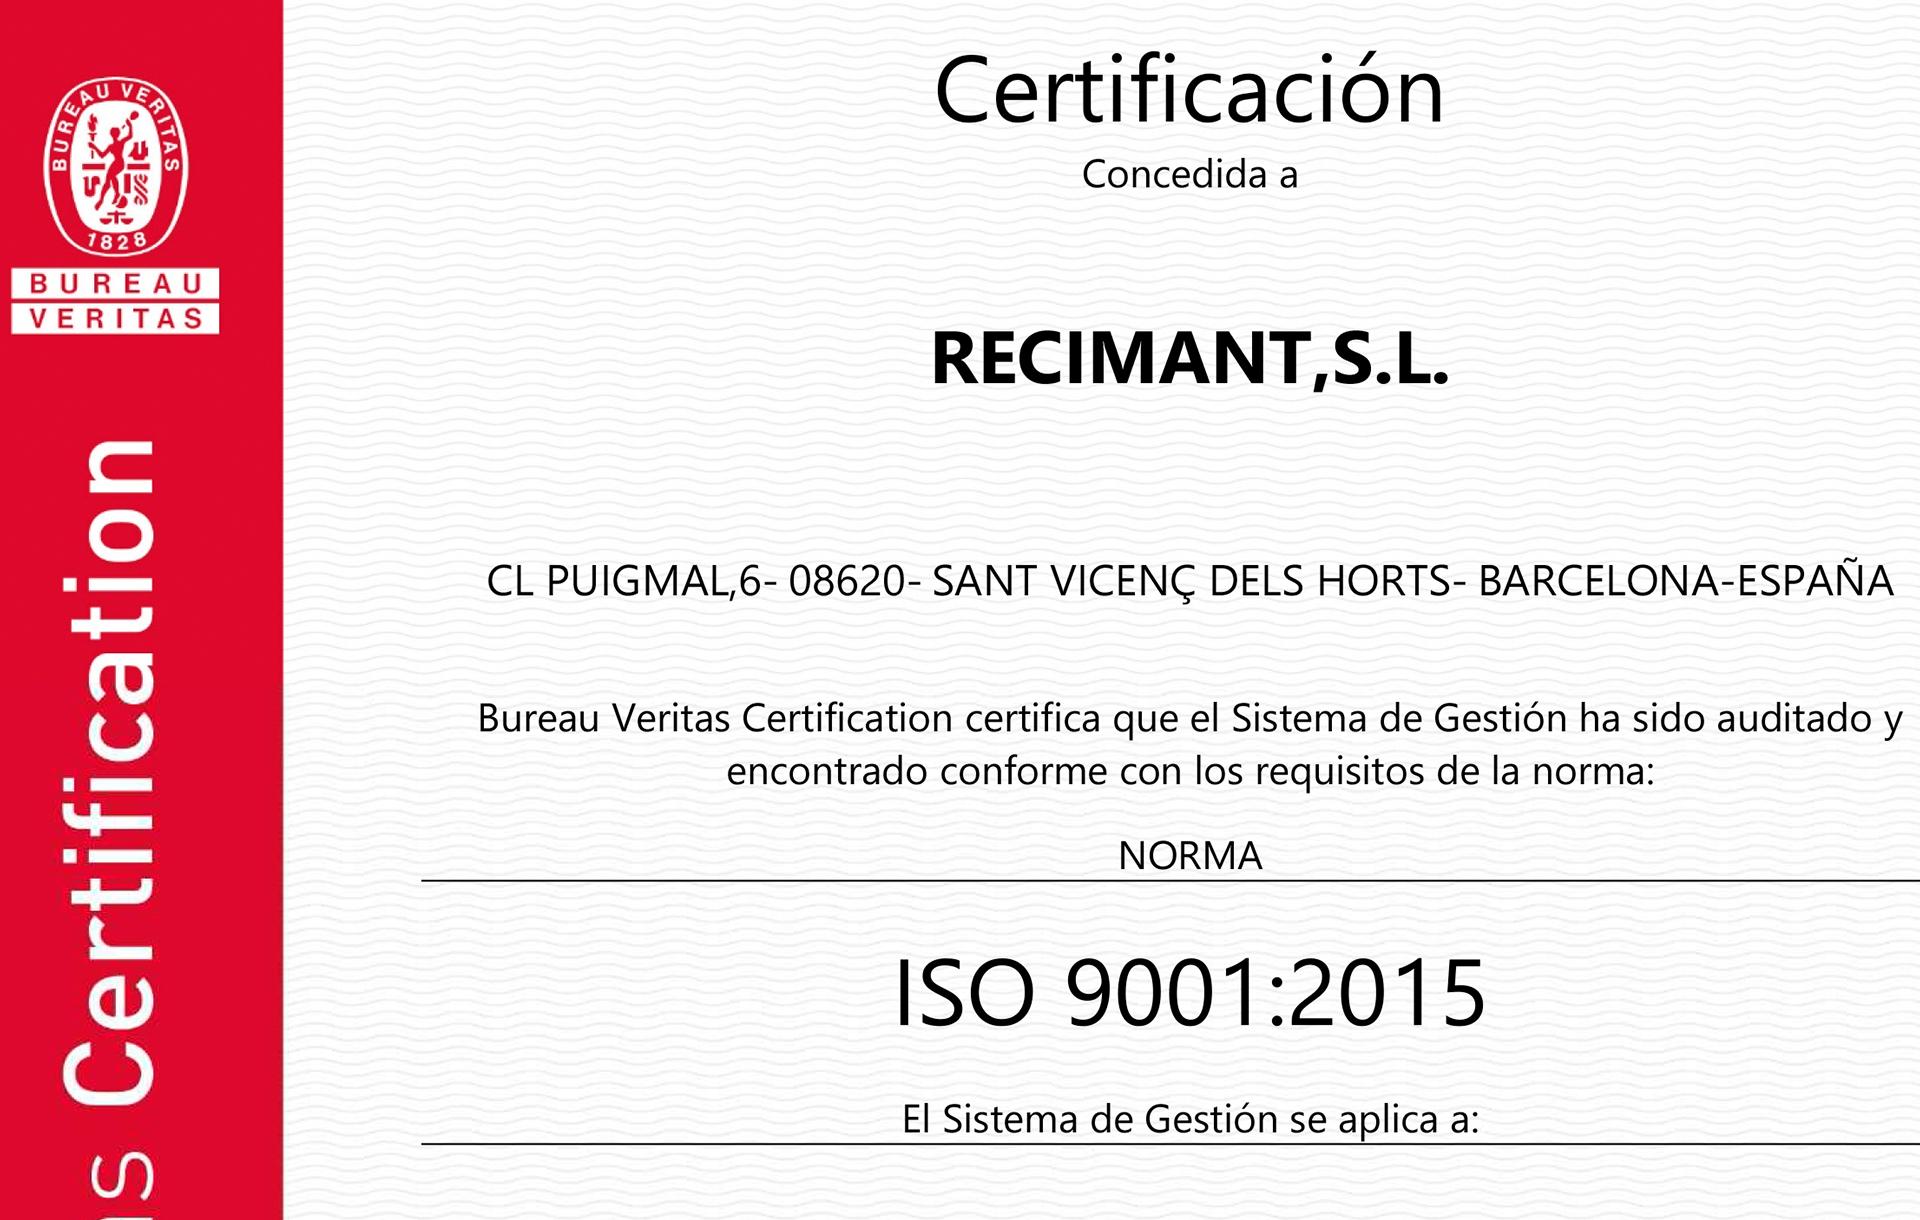 Recimant se recertifica nuevamente por la norma de calidad ISO 9001.